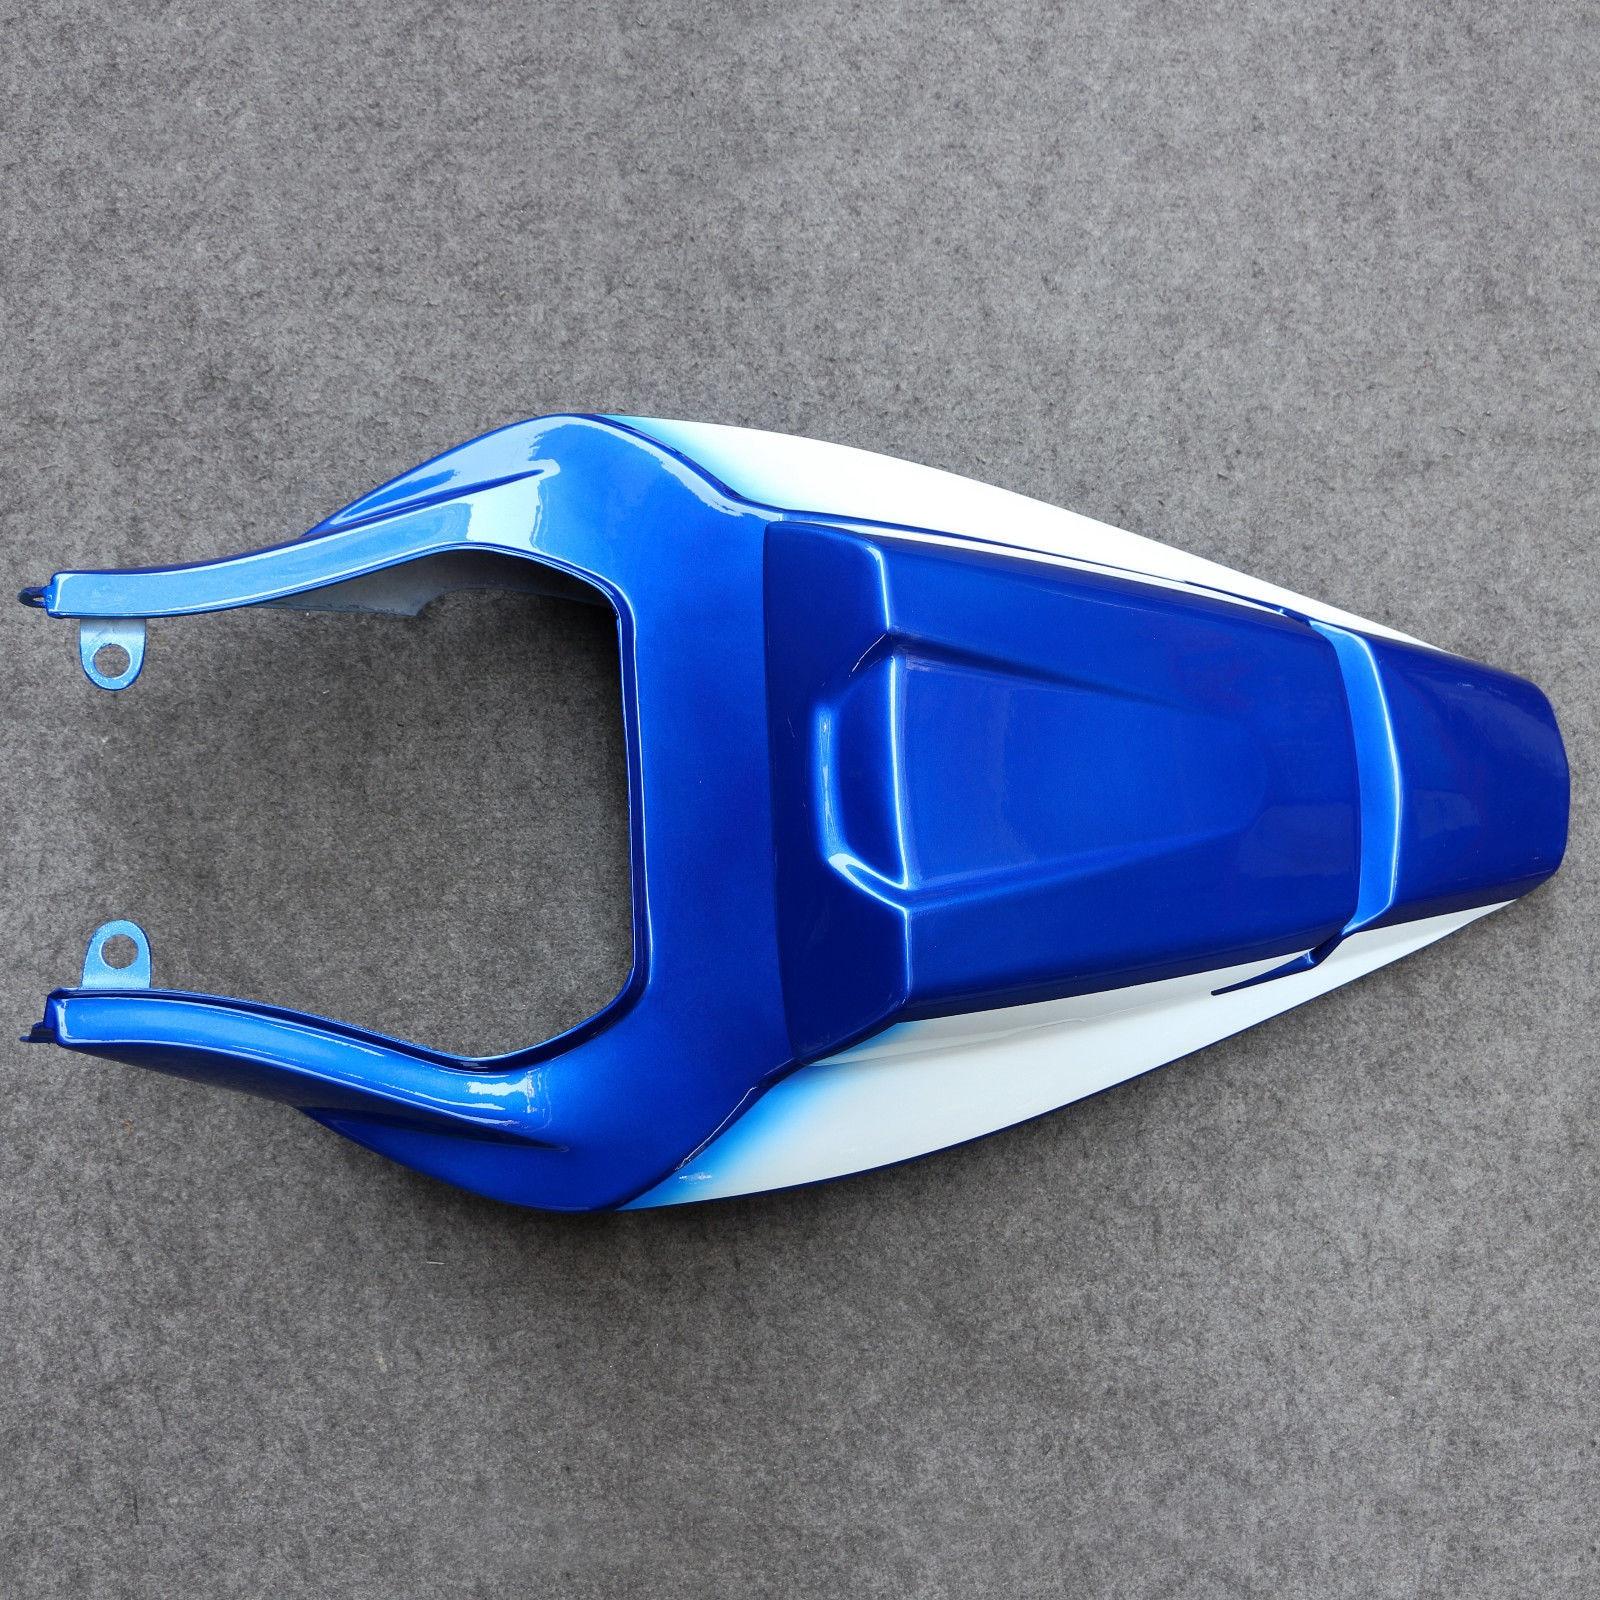 جزء انسيابي للمقعد الخلفي ، مناسب لـ SV650S SV1000S 2003-2011 ، SV 650S SV 1000 S SV650/SV1000 S